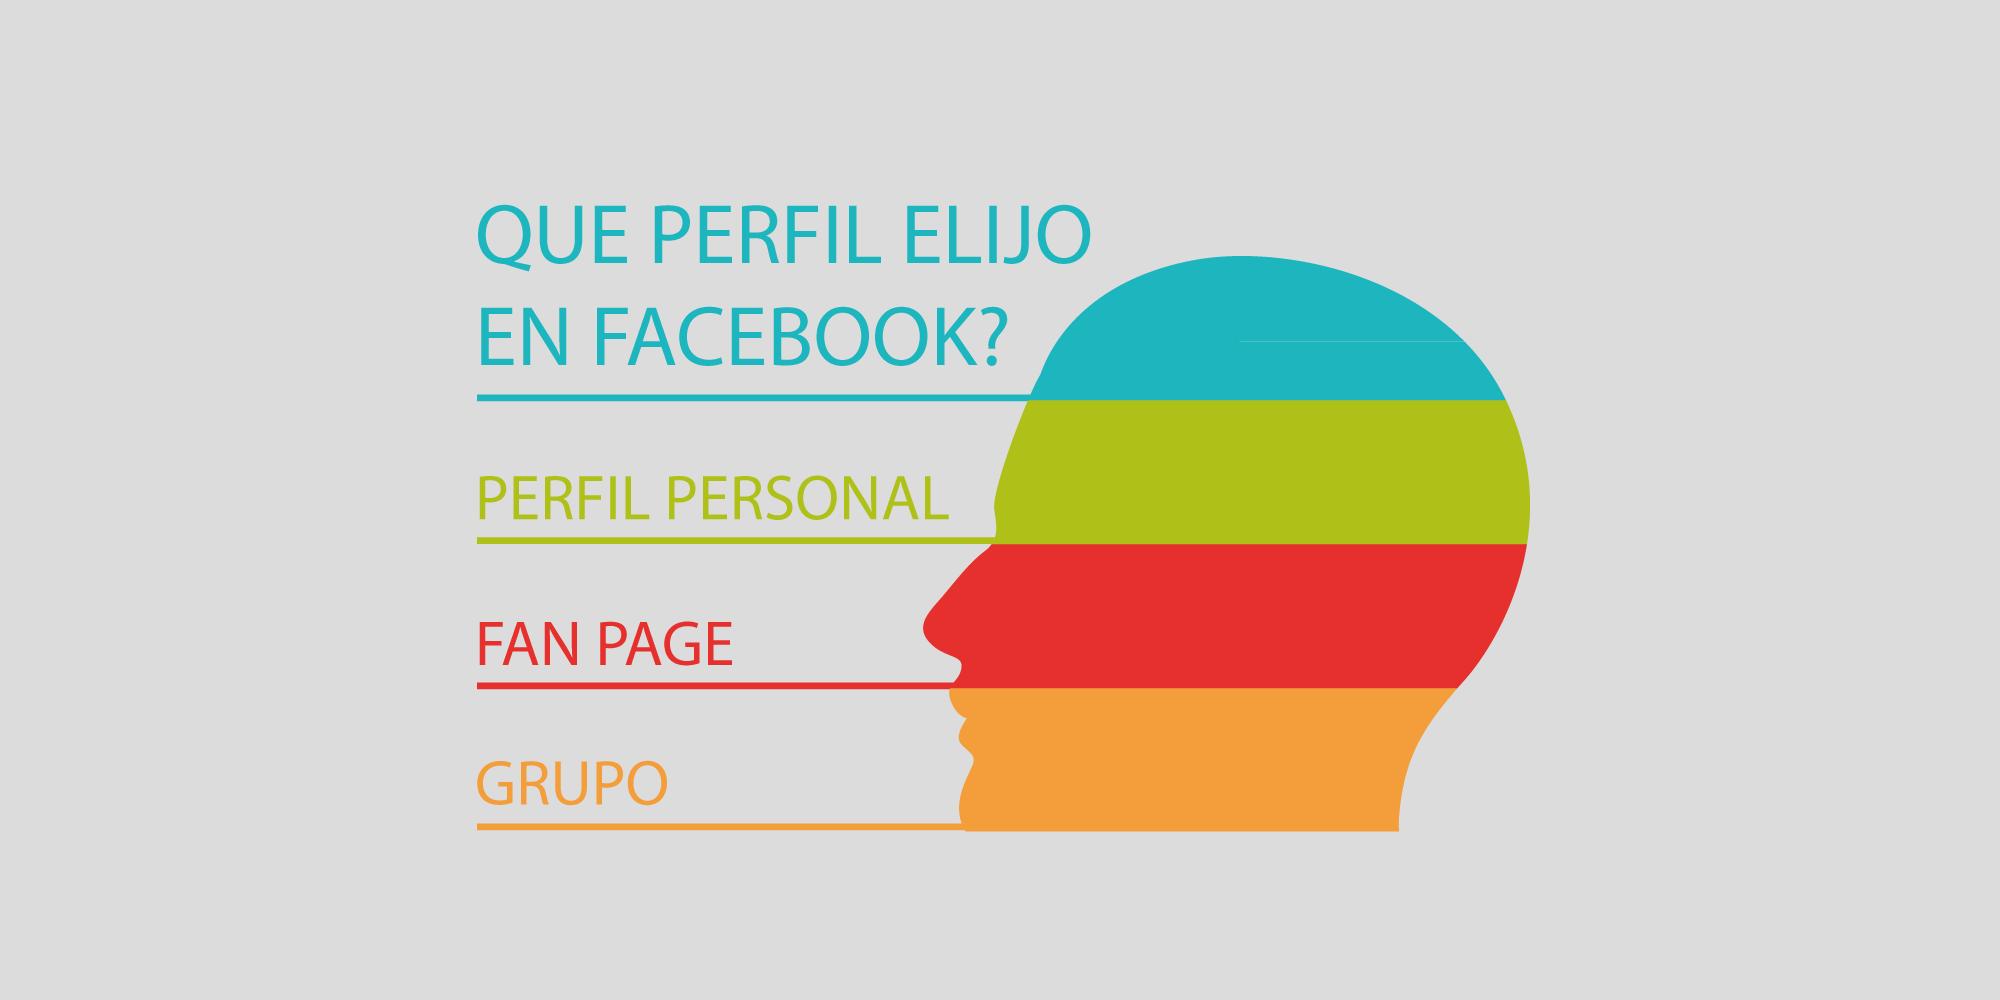 poncio_que-perfil-elijo-en-facebook